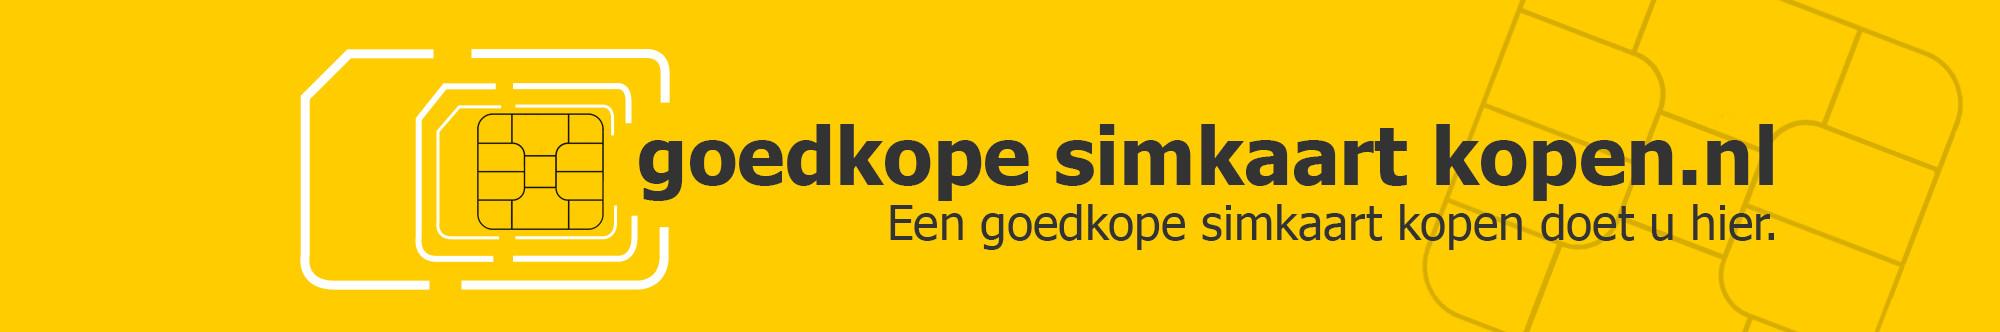 GoedkopeSimkaartKopen.nl